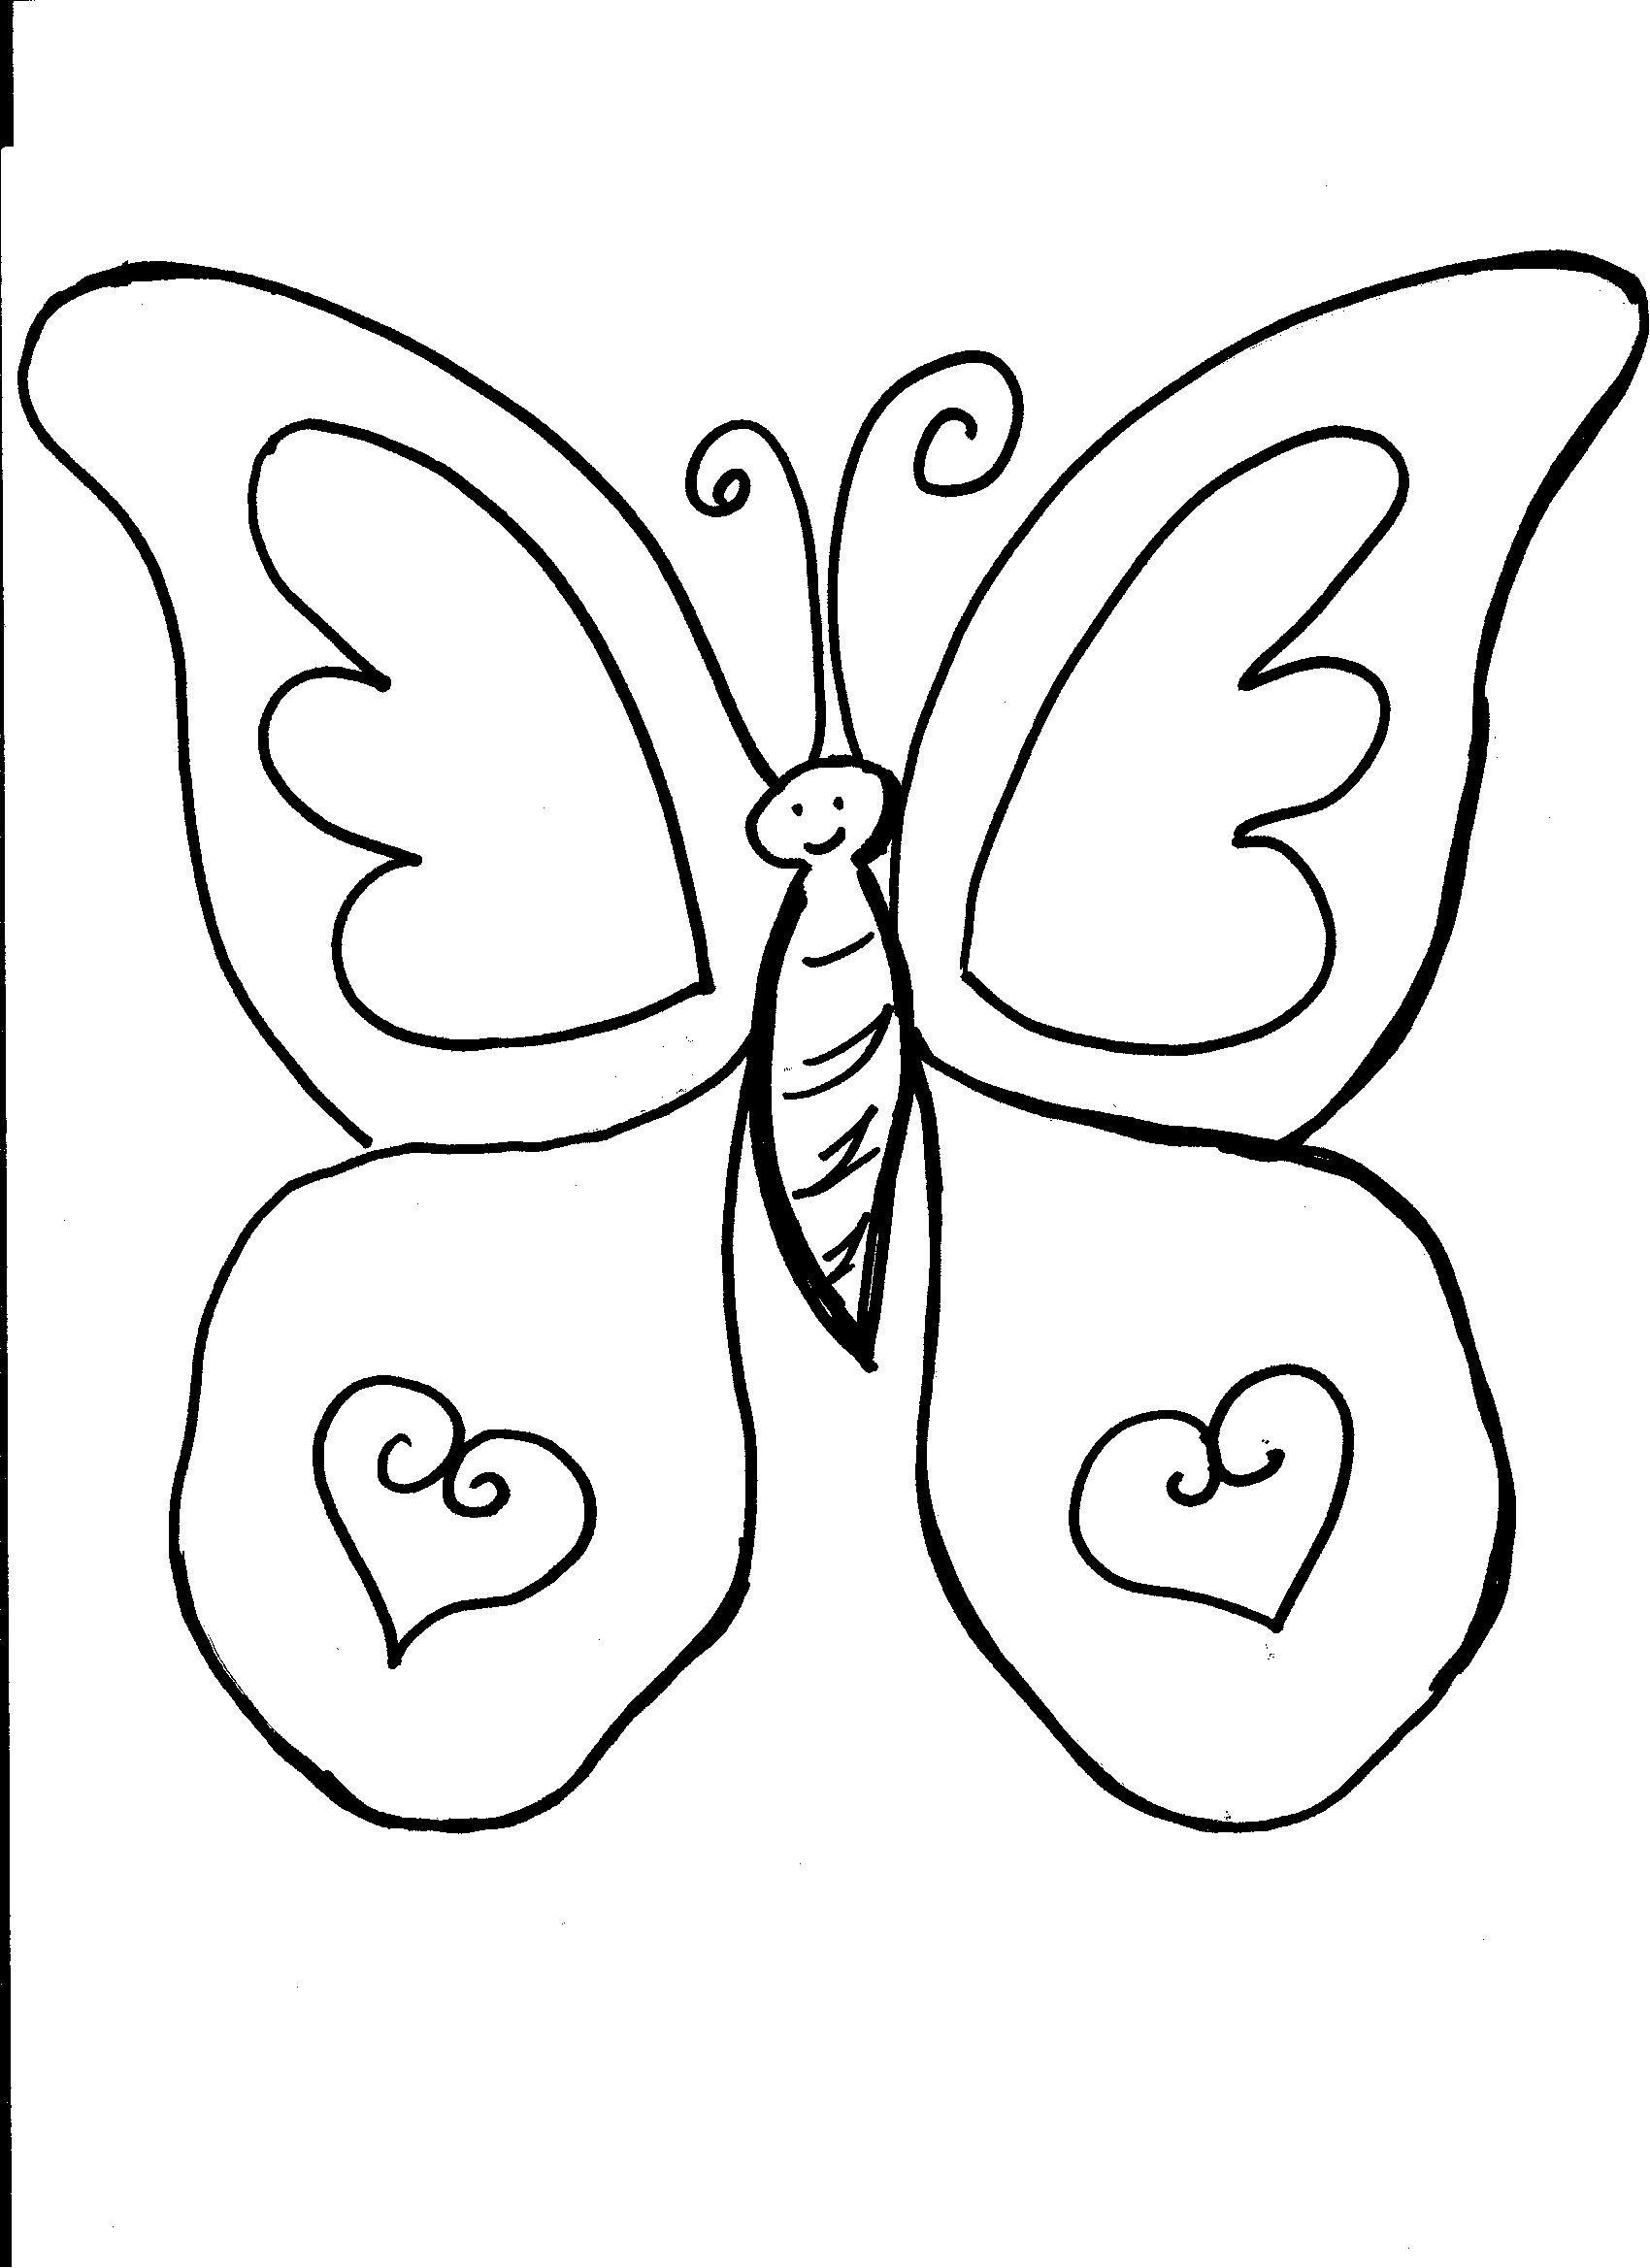 Imagenes Infantiles De Mariposas Para Colorear Mariposas Para Colorear Paginas Para Colorear De Animales Paginas Para Colorear